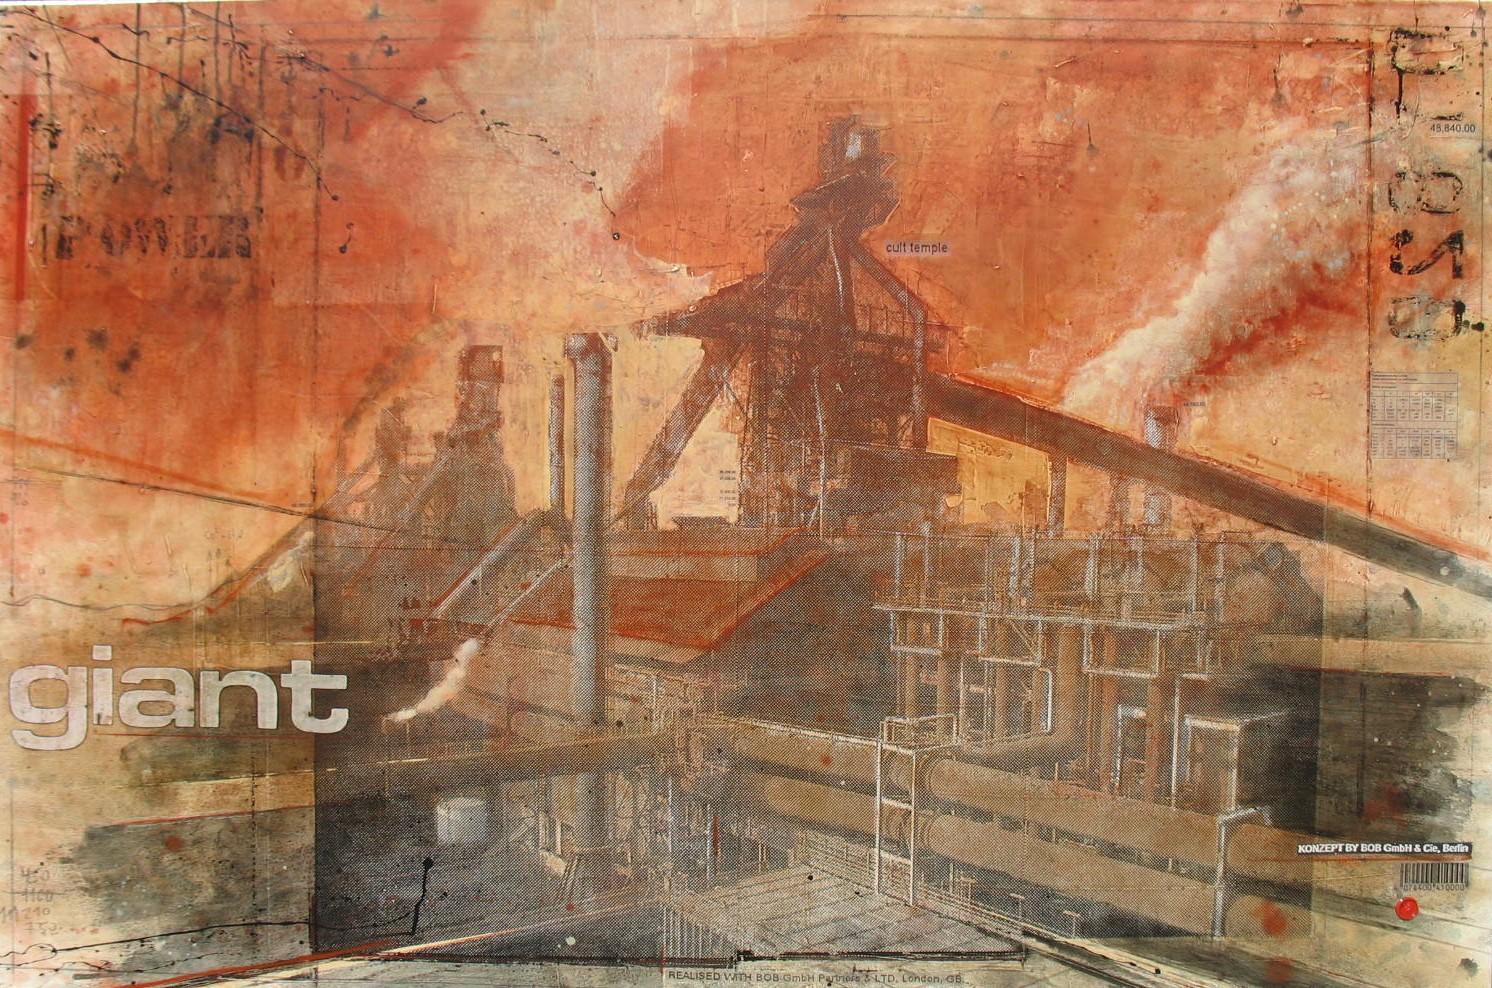 Giant - Esch-sur-Alzette (L) - collage photo, huile, acrylique sur toile - 100 x 150 cm - 2007